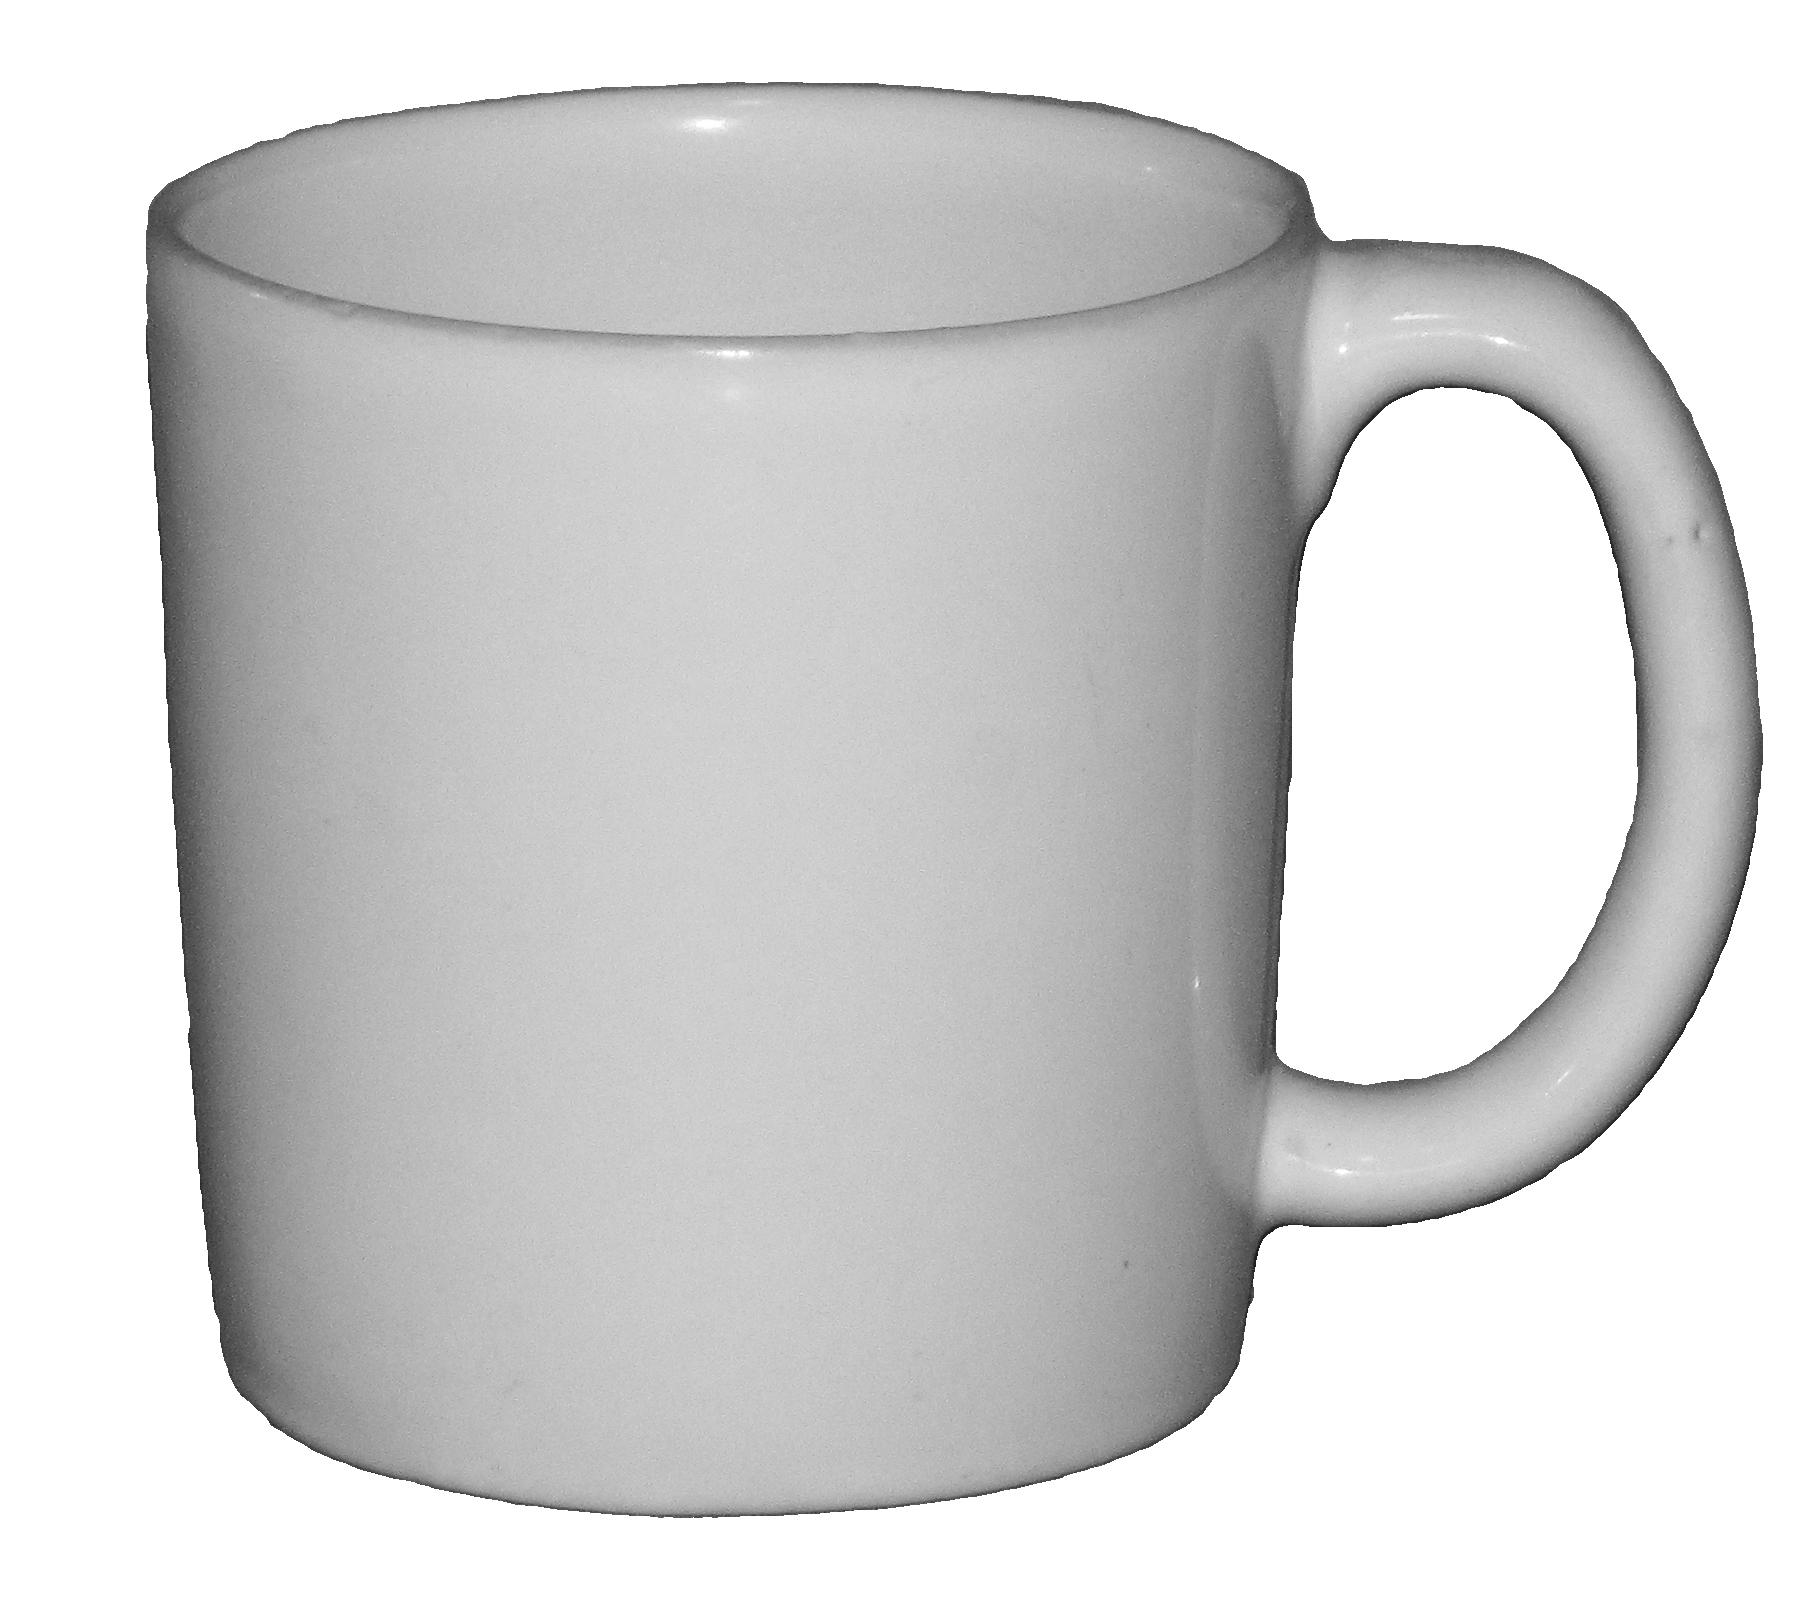 Mug PNG - 27519